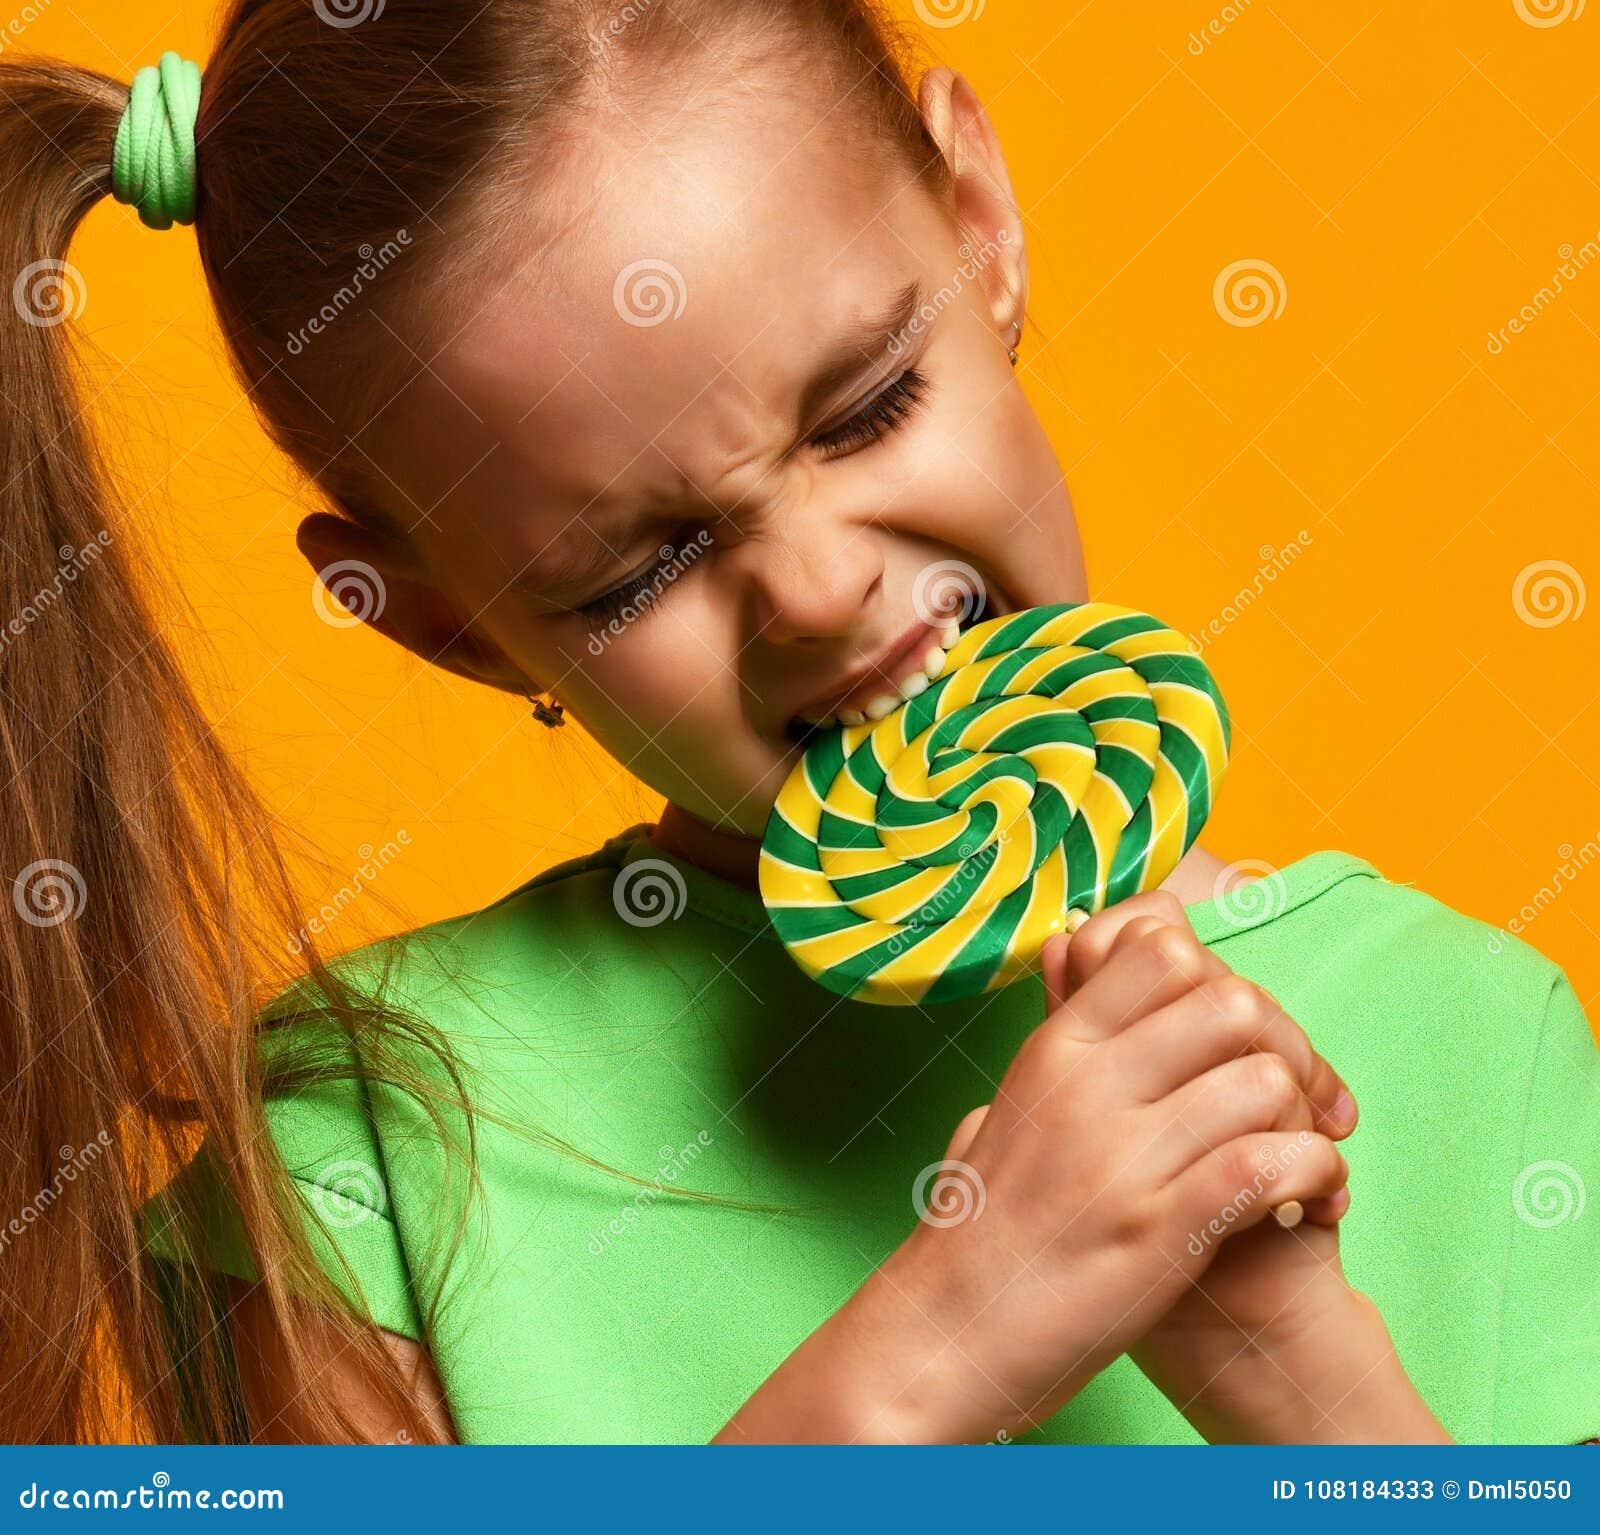 Caramelo dulce del lollypop del pequeño niño de la muchacha de la mordedura joven feliz del niño